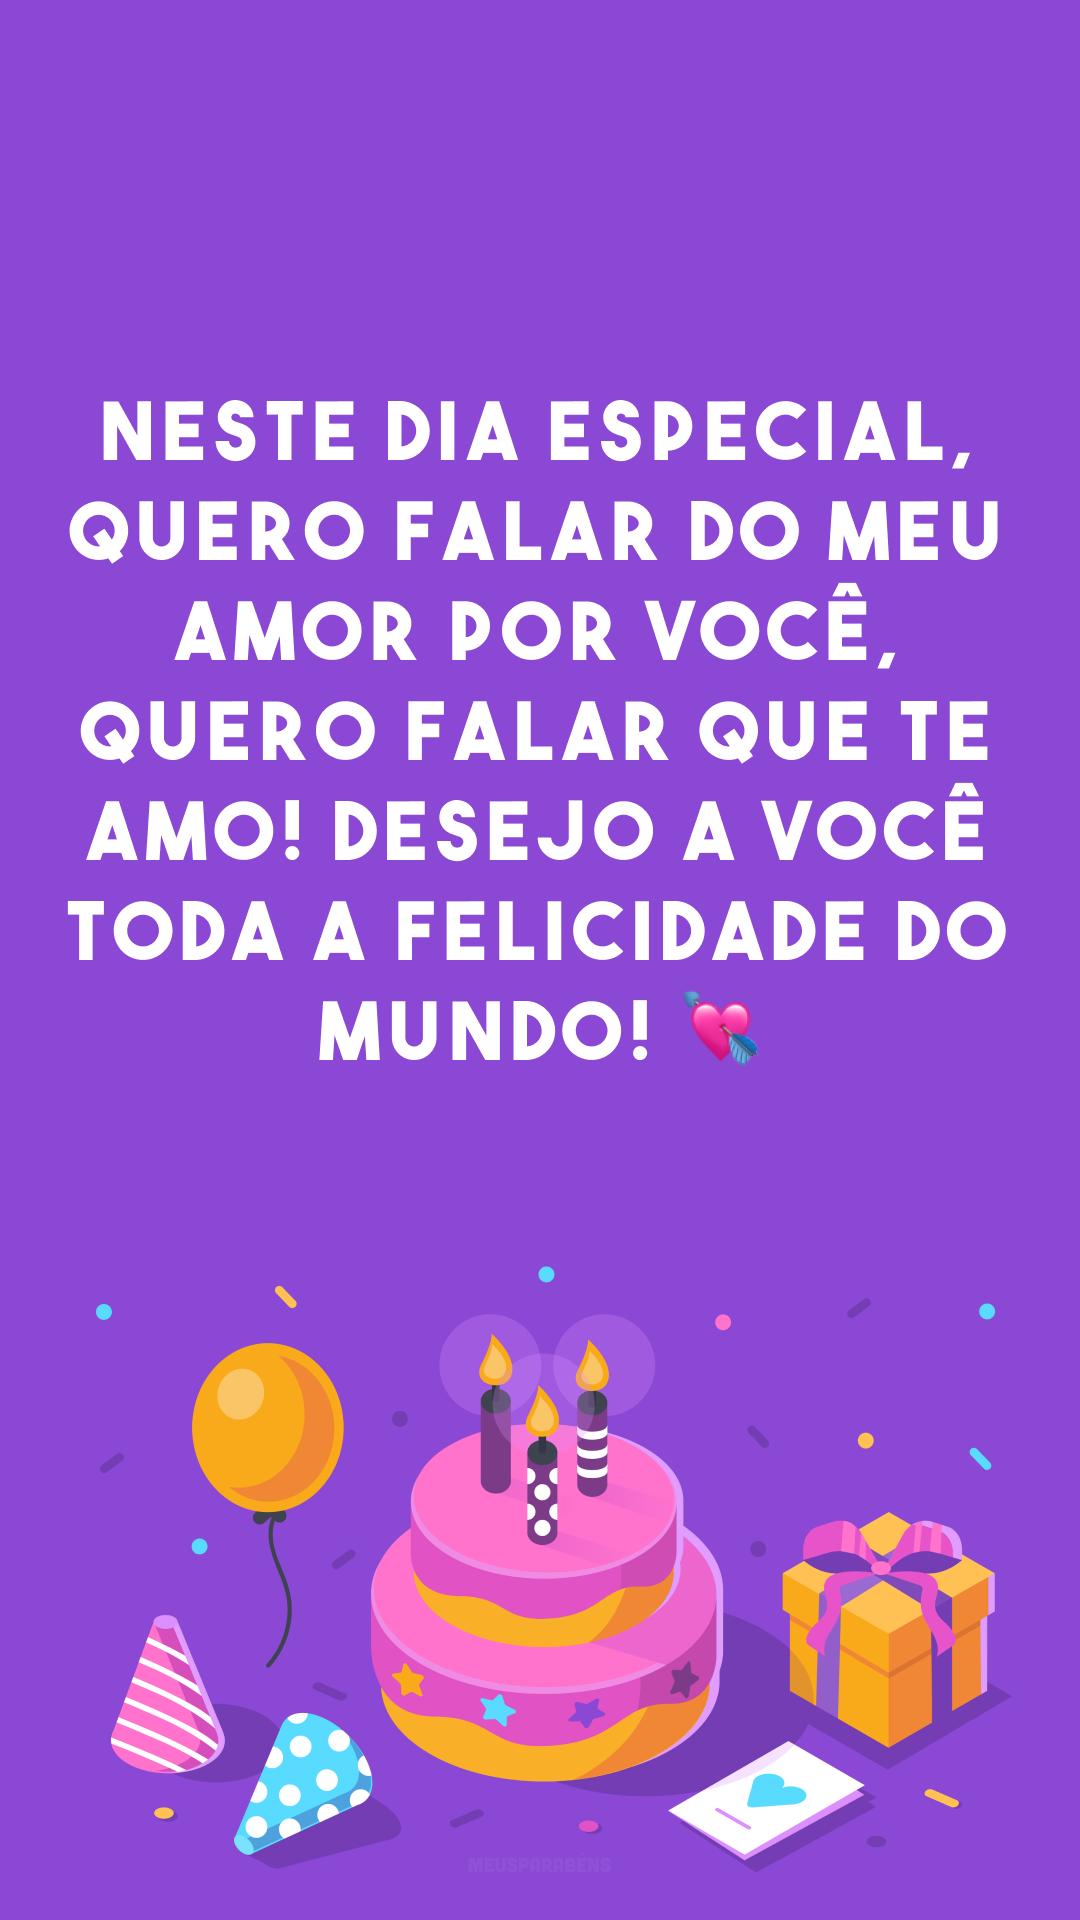 Neste dia especial, quero falar do meu amor por você, quero falar que te amo! Desejo a você toda a felicidade do mundo! 💘